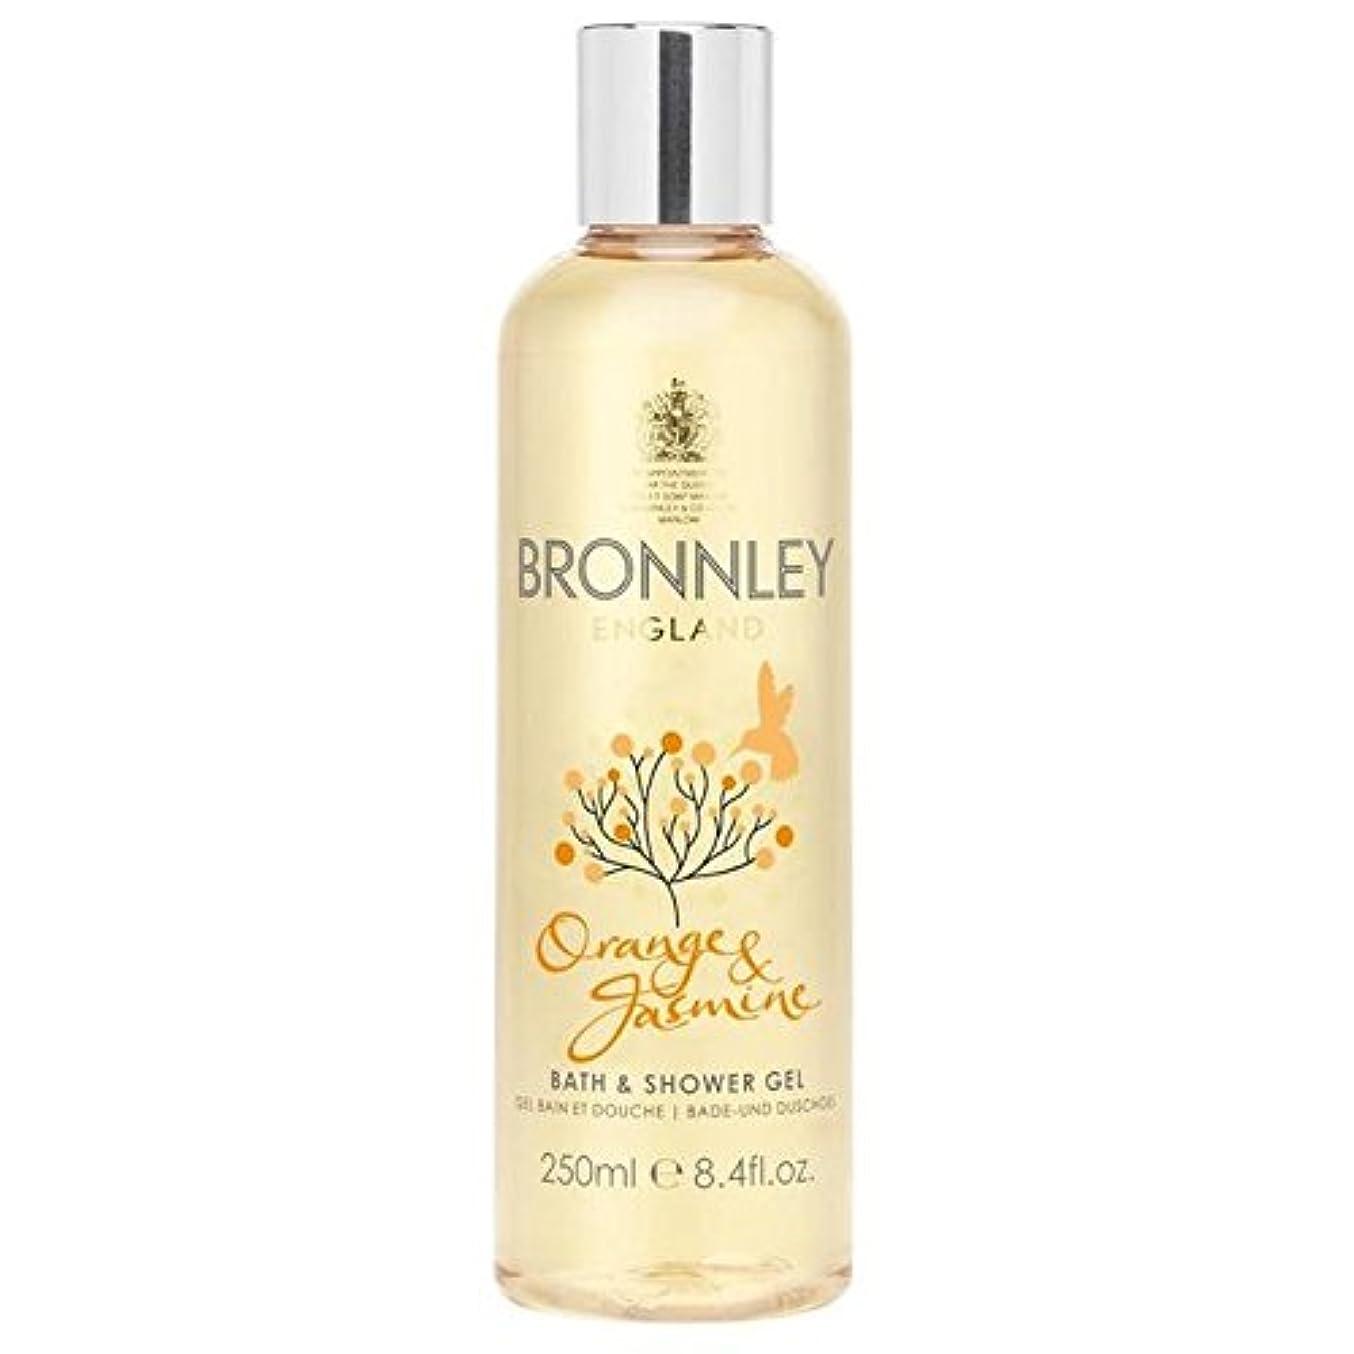 壊す確認してください再編成するBronnley Orange & Jasmine Bath & Shower Gel 250ml - オレンジ&ジャスミンバス&シャワージェル250ミリリットル [並行輸入品]